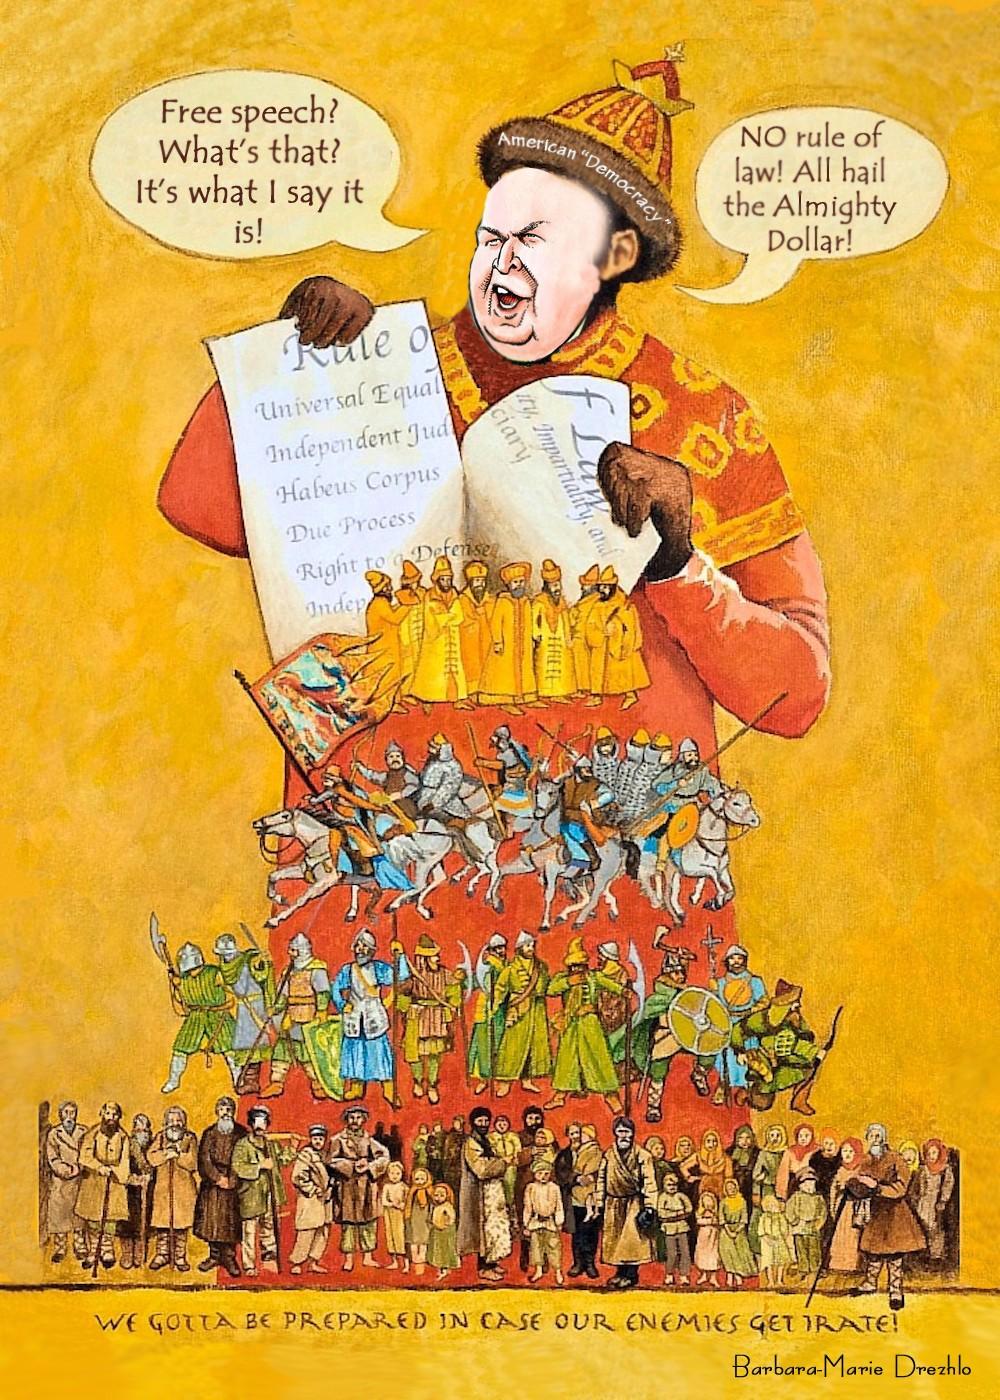 00 American Democracy. 08.10.13